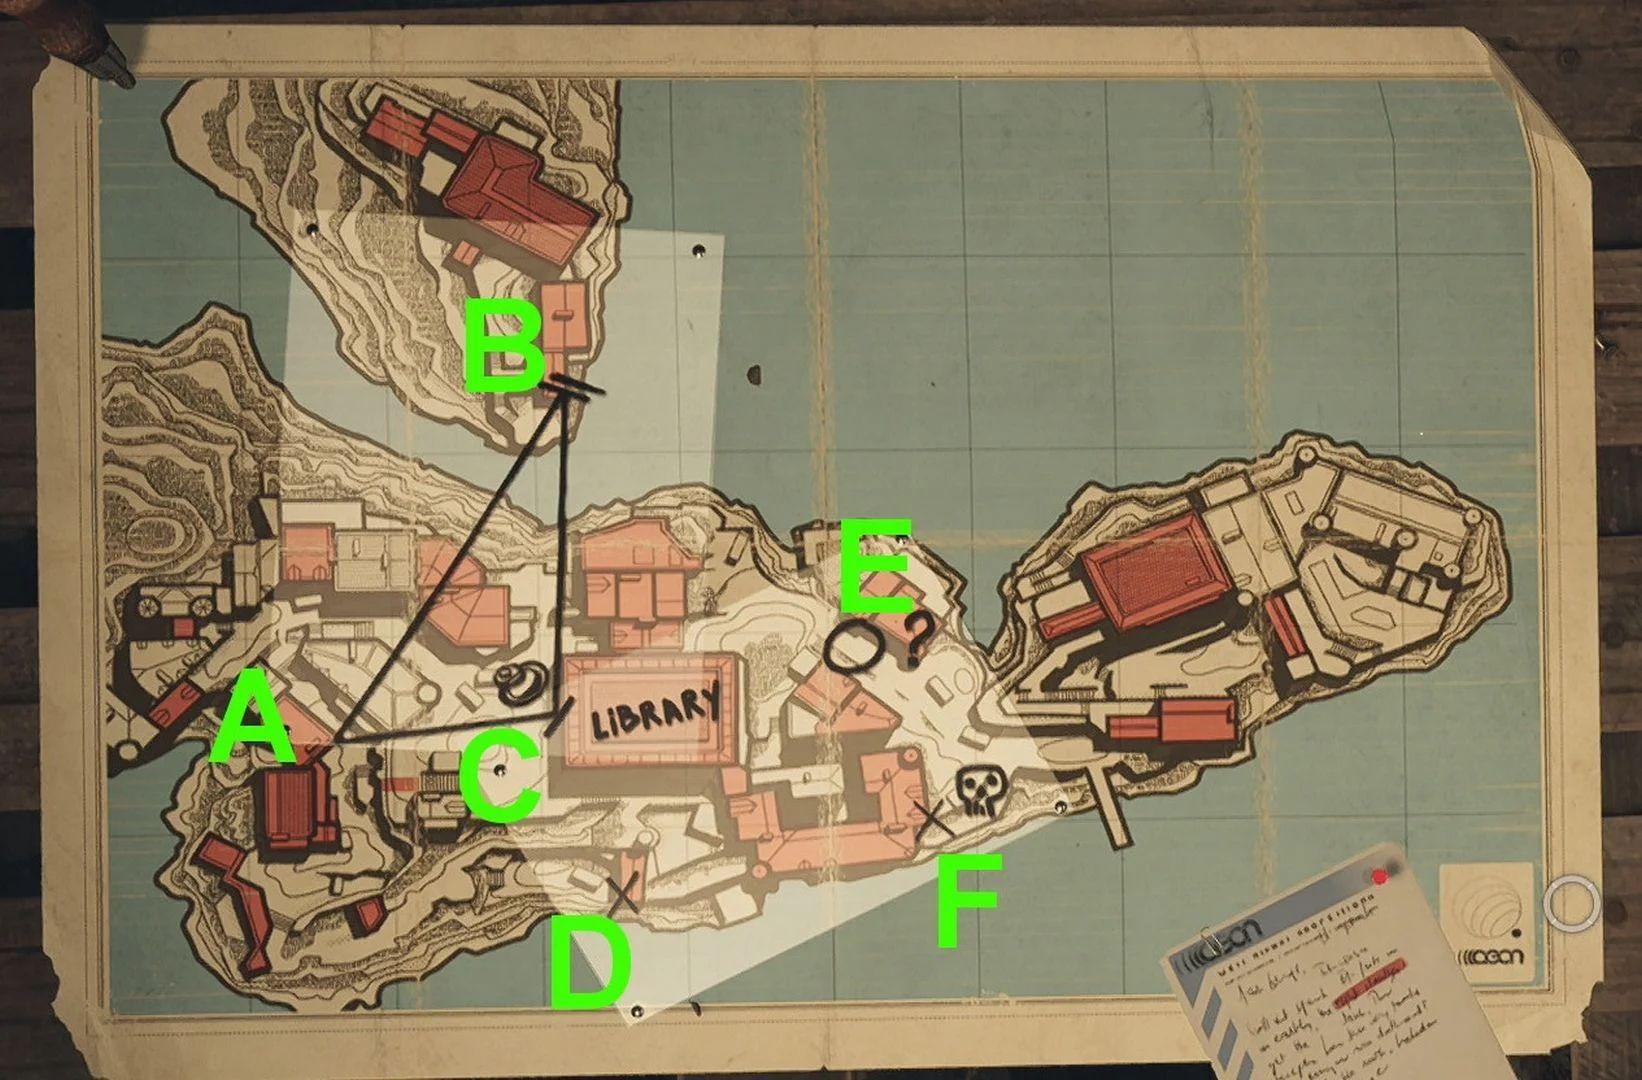 How to open Dorsey's safe in Deathloop